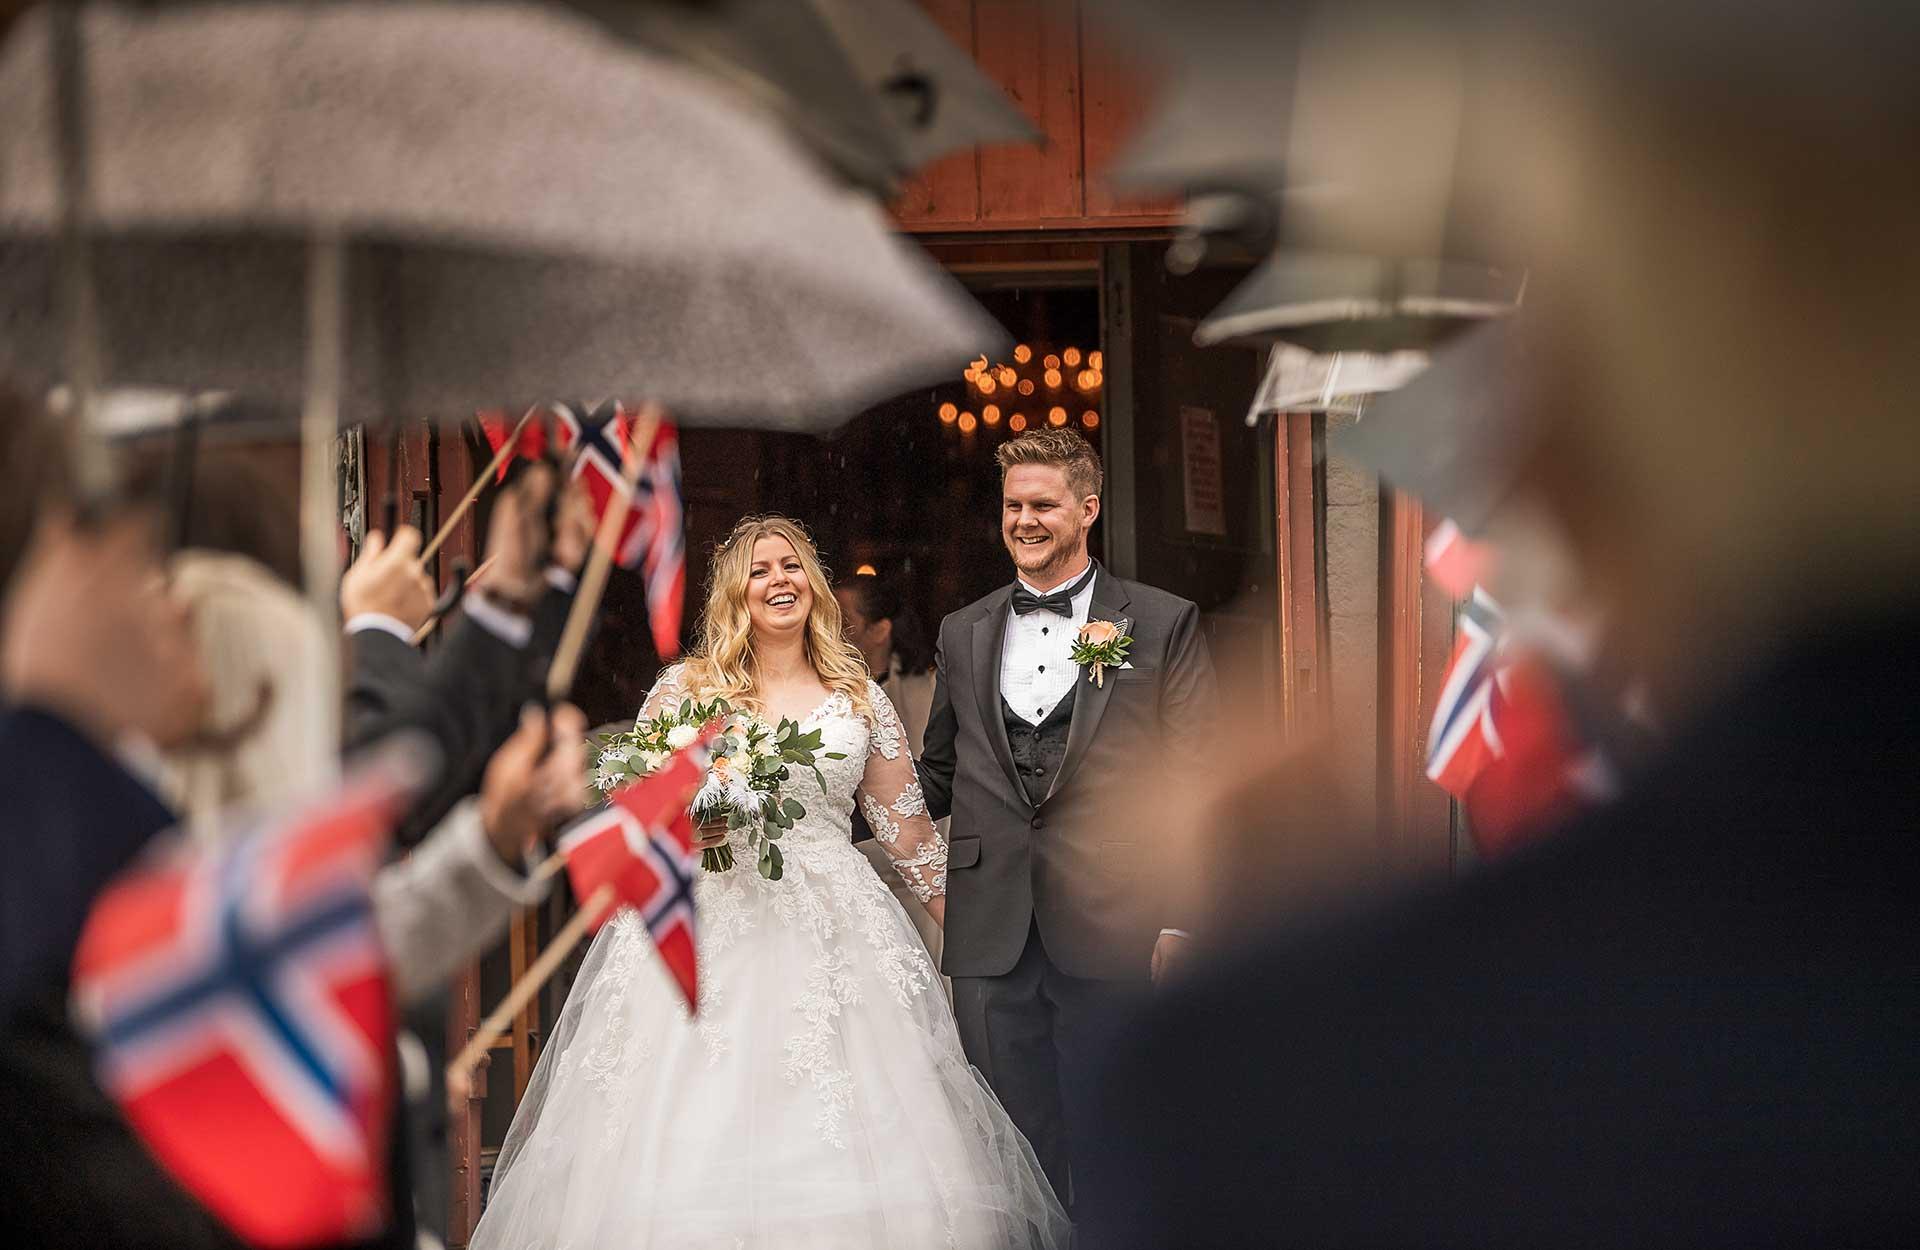 Bryllup Mari & Mats Ulrik - Foto: BT Stokke